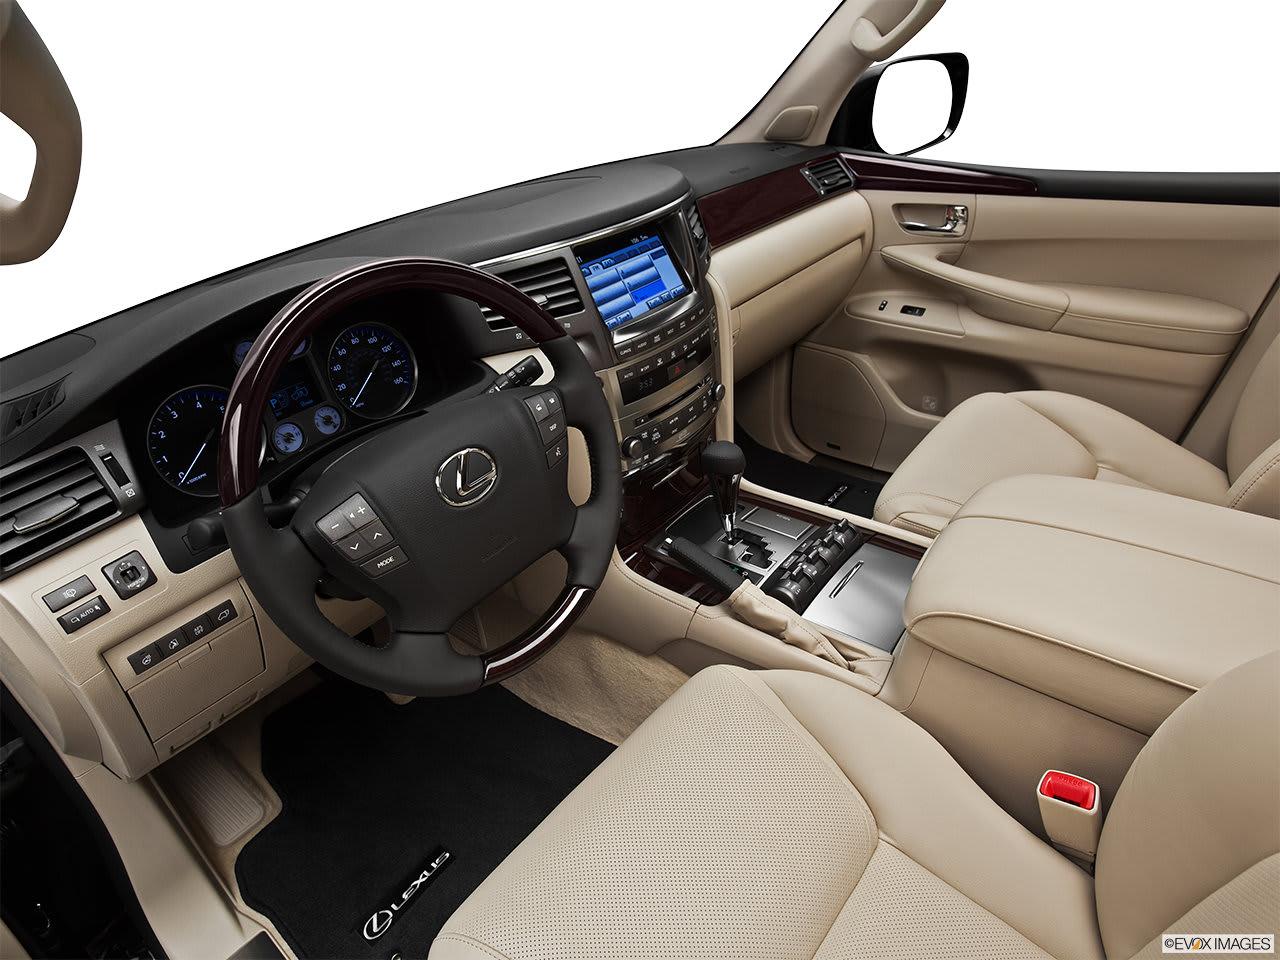 Lexus LX 570 2011 Interior